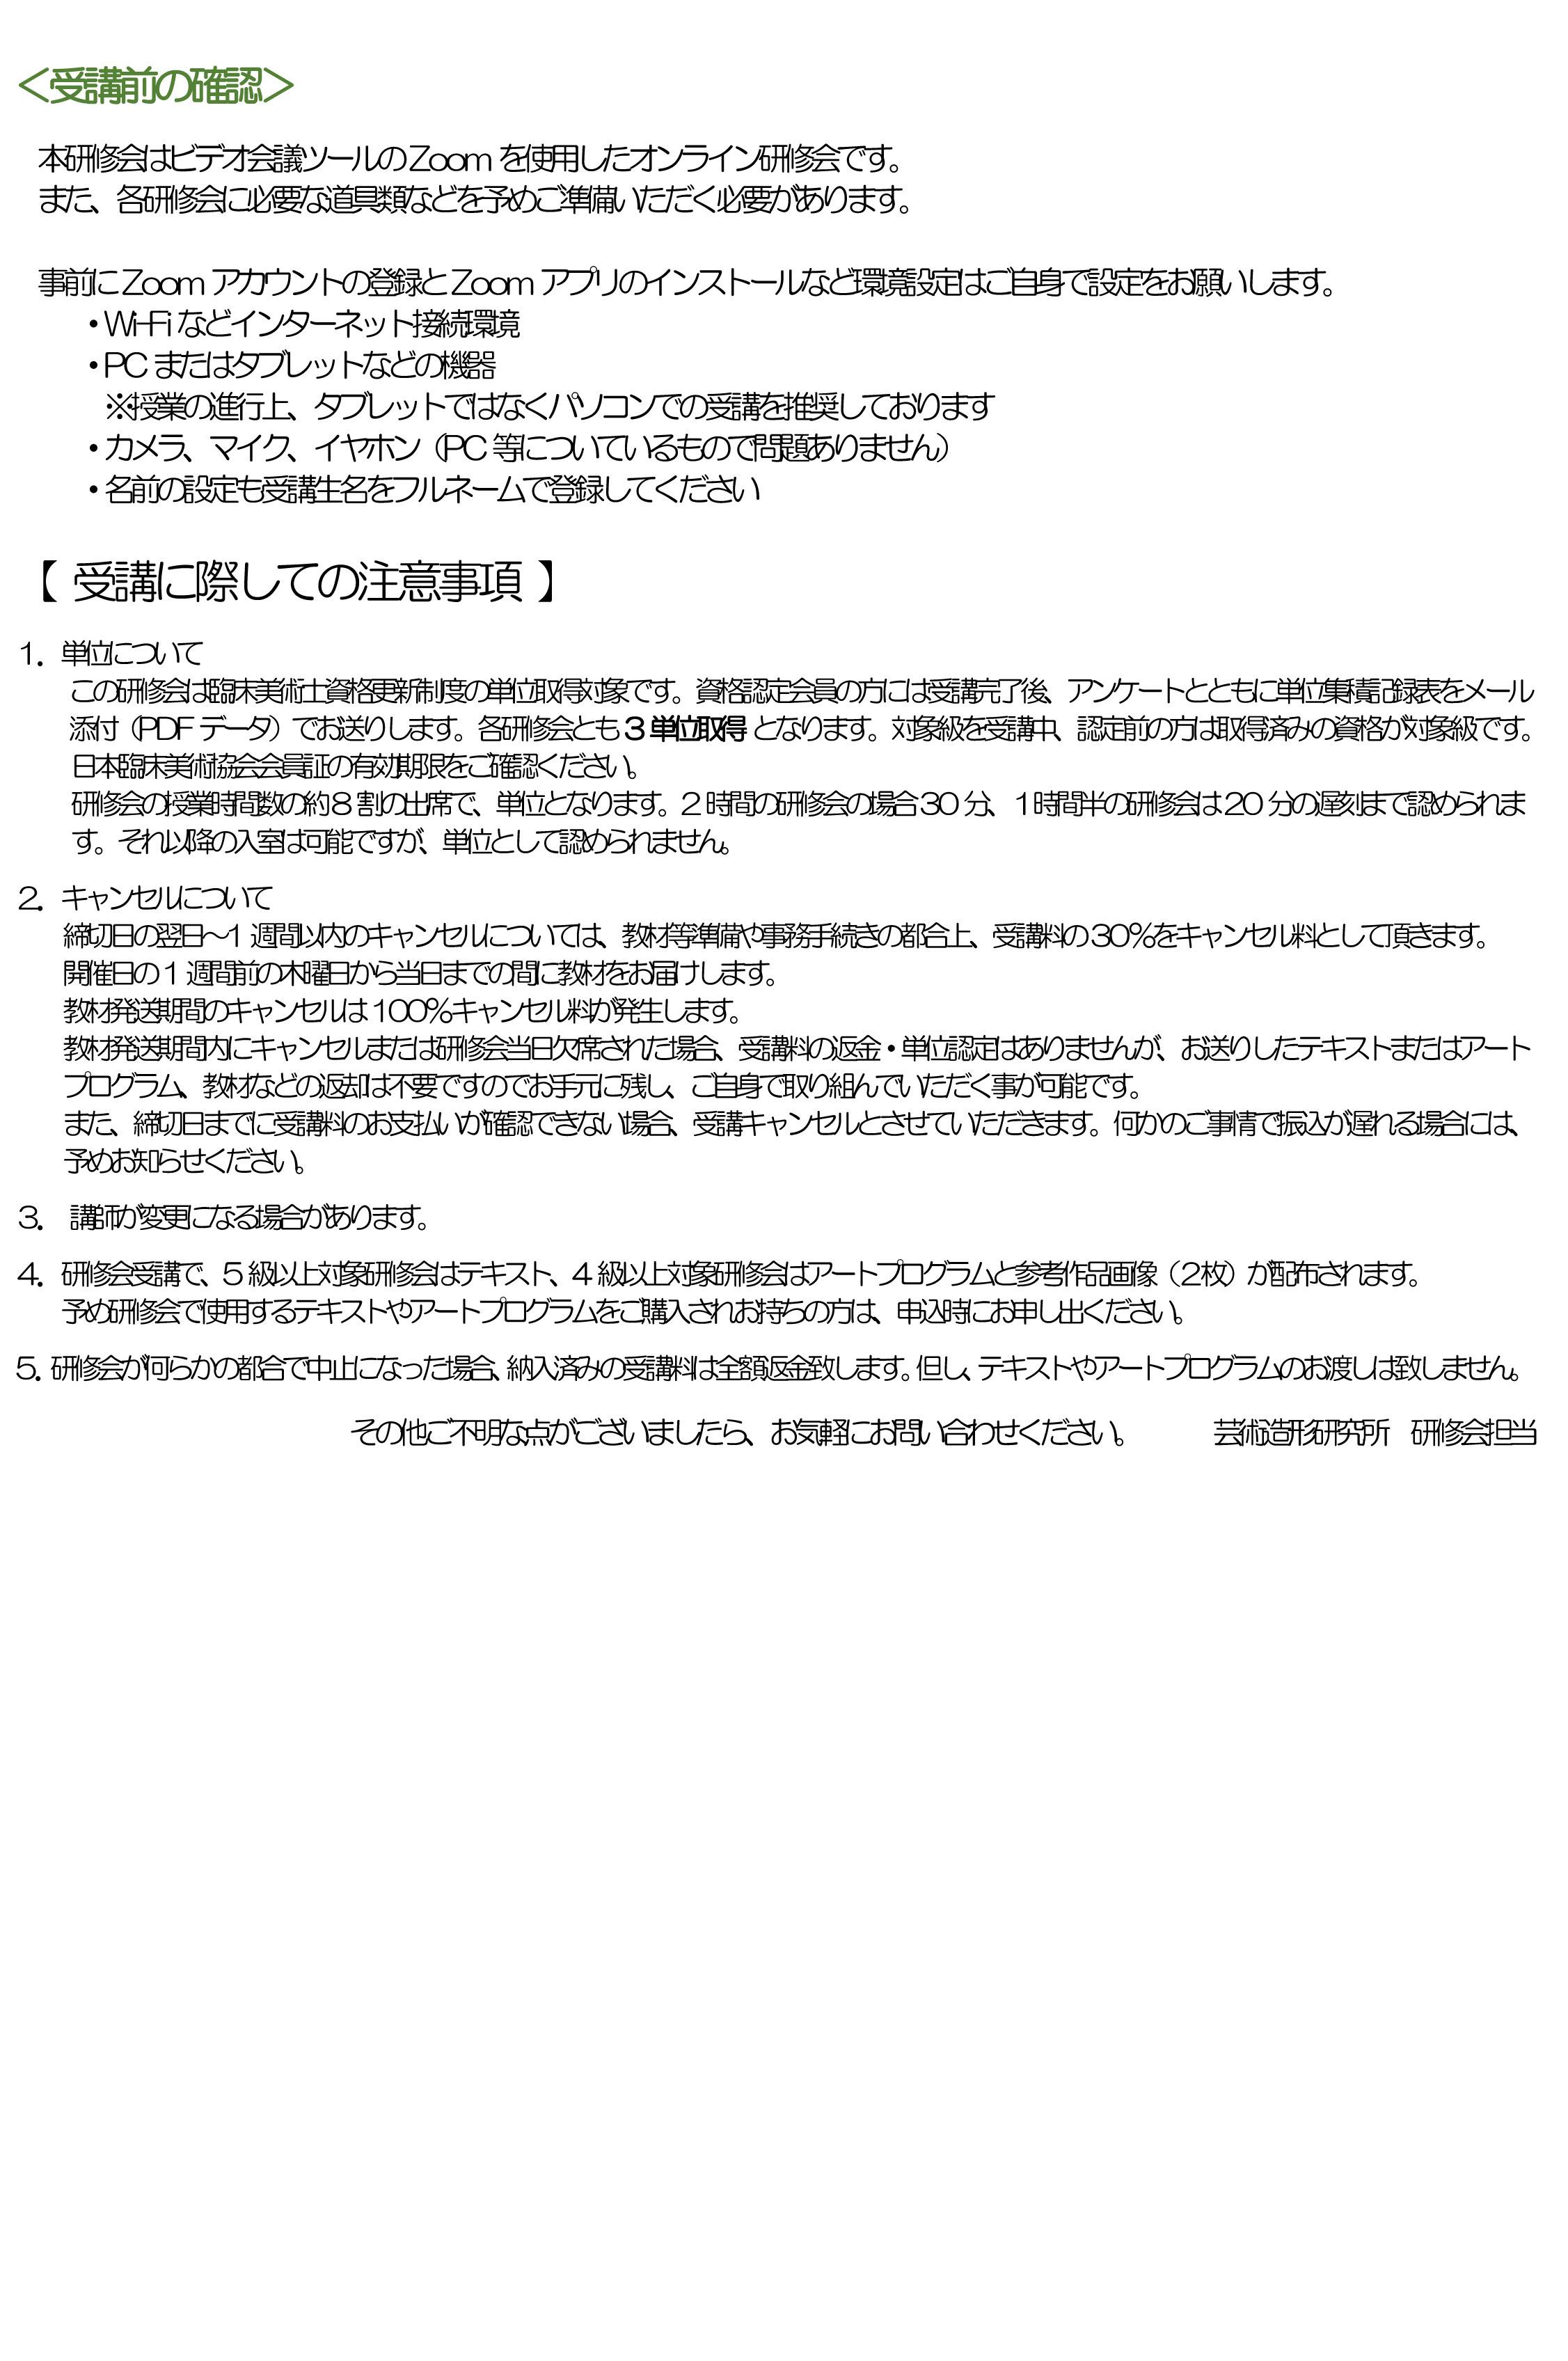 10月オンライン研修会ちらし-5.jpg